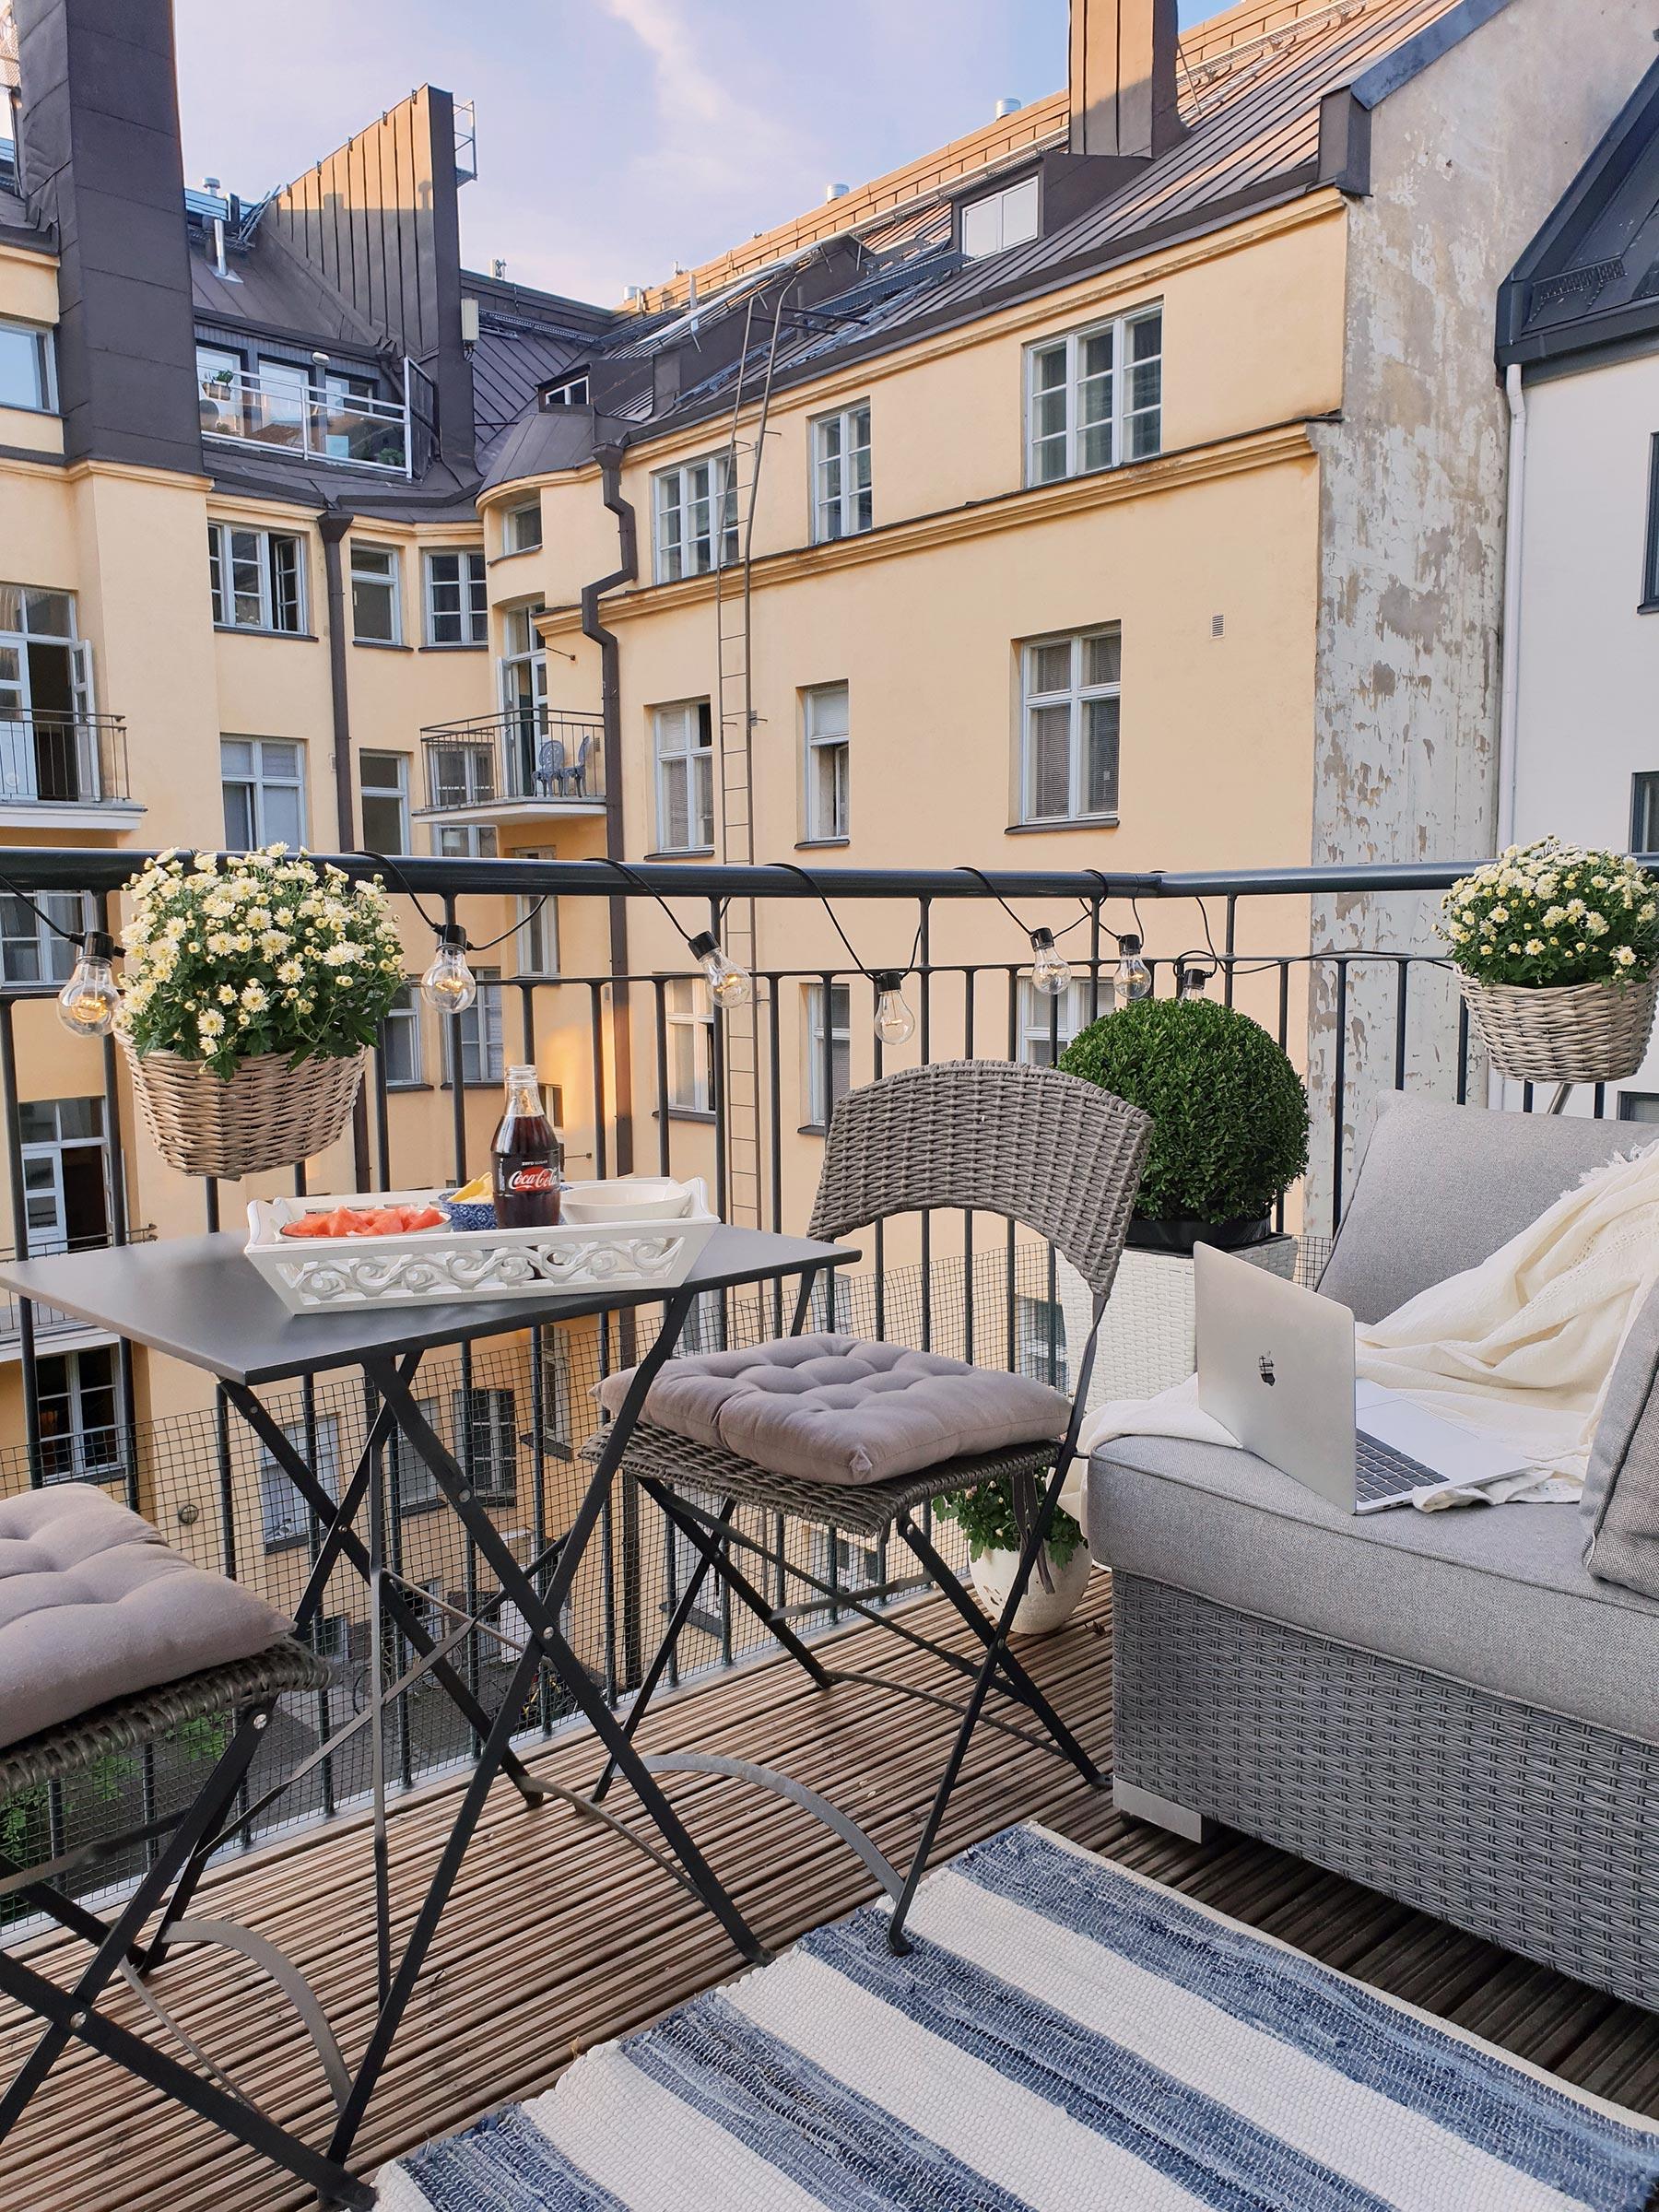 Balcony chill